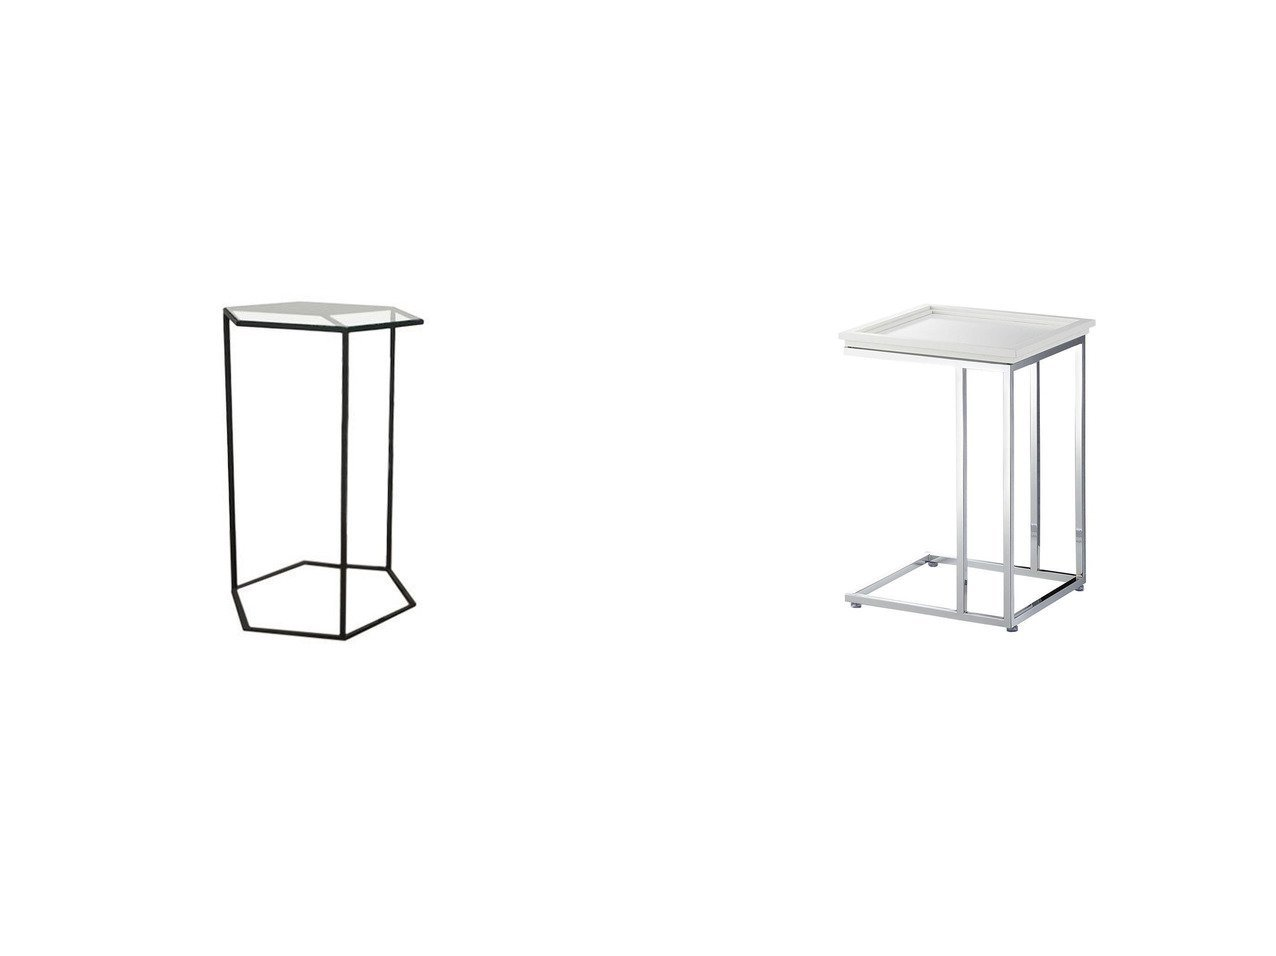 【FLYMEe Noir/フライミー ノワール】のサイドテーブル n59120&ヘキサゴンキューブ テーブル 高さ60cm 【FURNITURE】おすすめ!人気、インテリア・家具の通販 おすすめで人気の流行・トレンド、ファッションの通販商品 メンズファッション・キッズファッション・インテリア・家具・レディースファッション・服の通販 founy(ファニー) https://founy.com/ 送料無料 Free Shipping ガラス シンプル テーブル スタイリッシュ モダン ホーム・キャンプ・アウトドア Home,Garden,Outdoor,Camping Gear 家具・インテリア Furniture テーブル Table サイドテーブル・小テーブル |ID:crp329100000039826